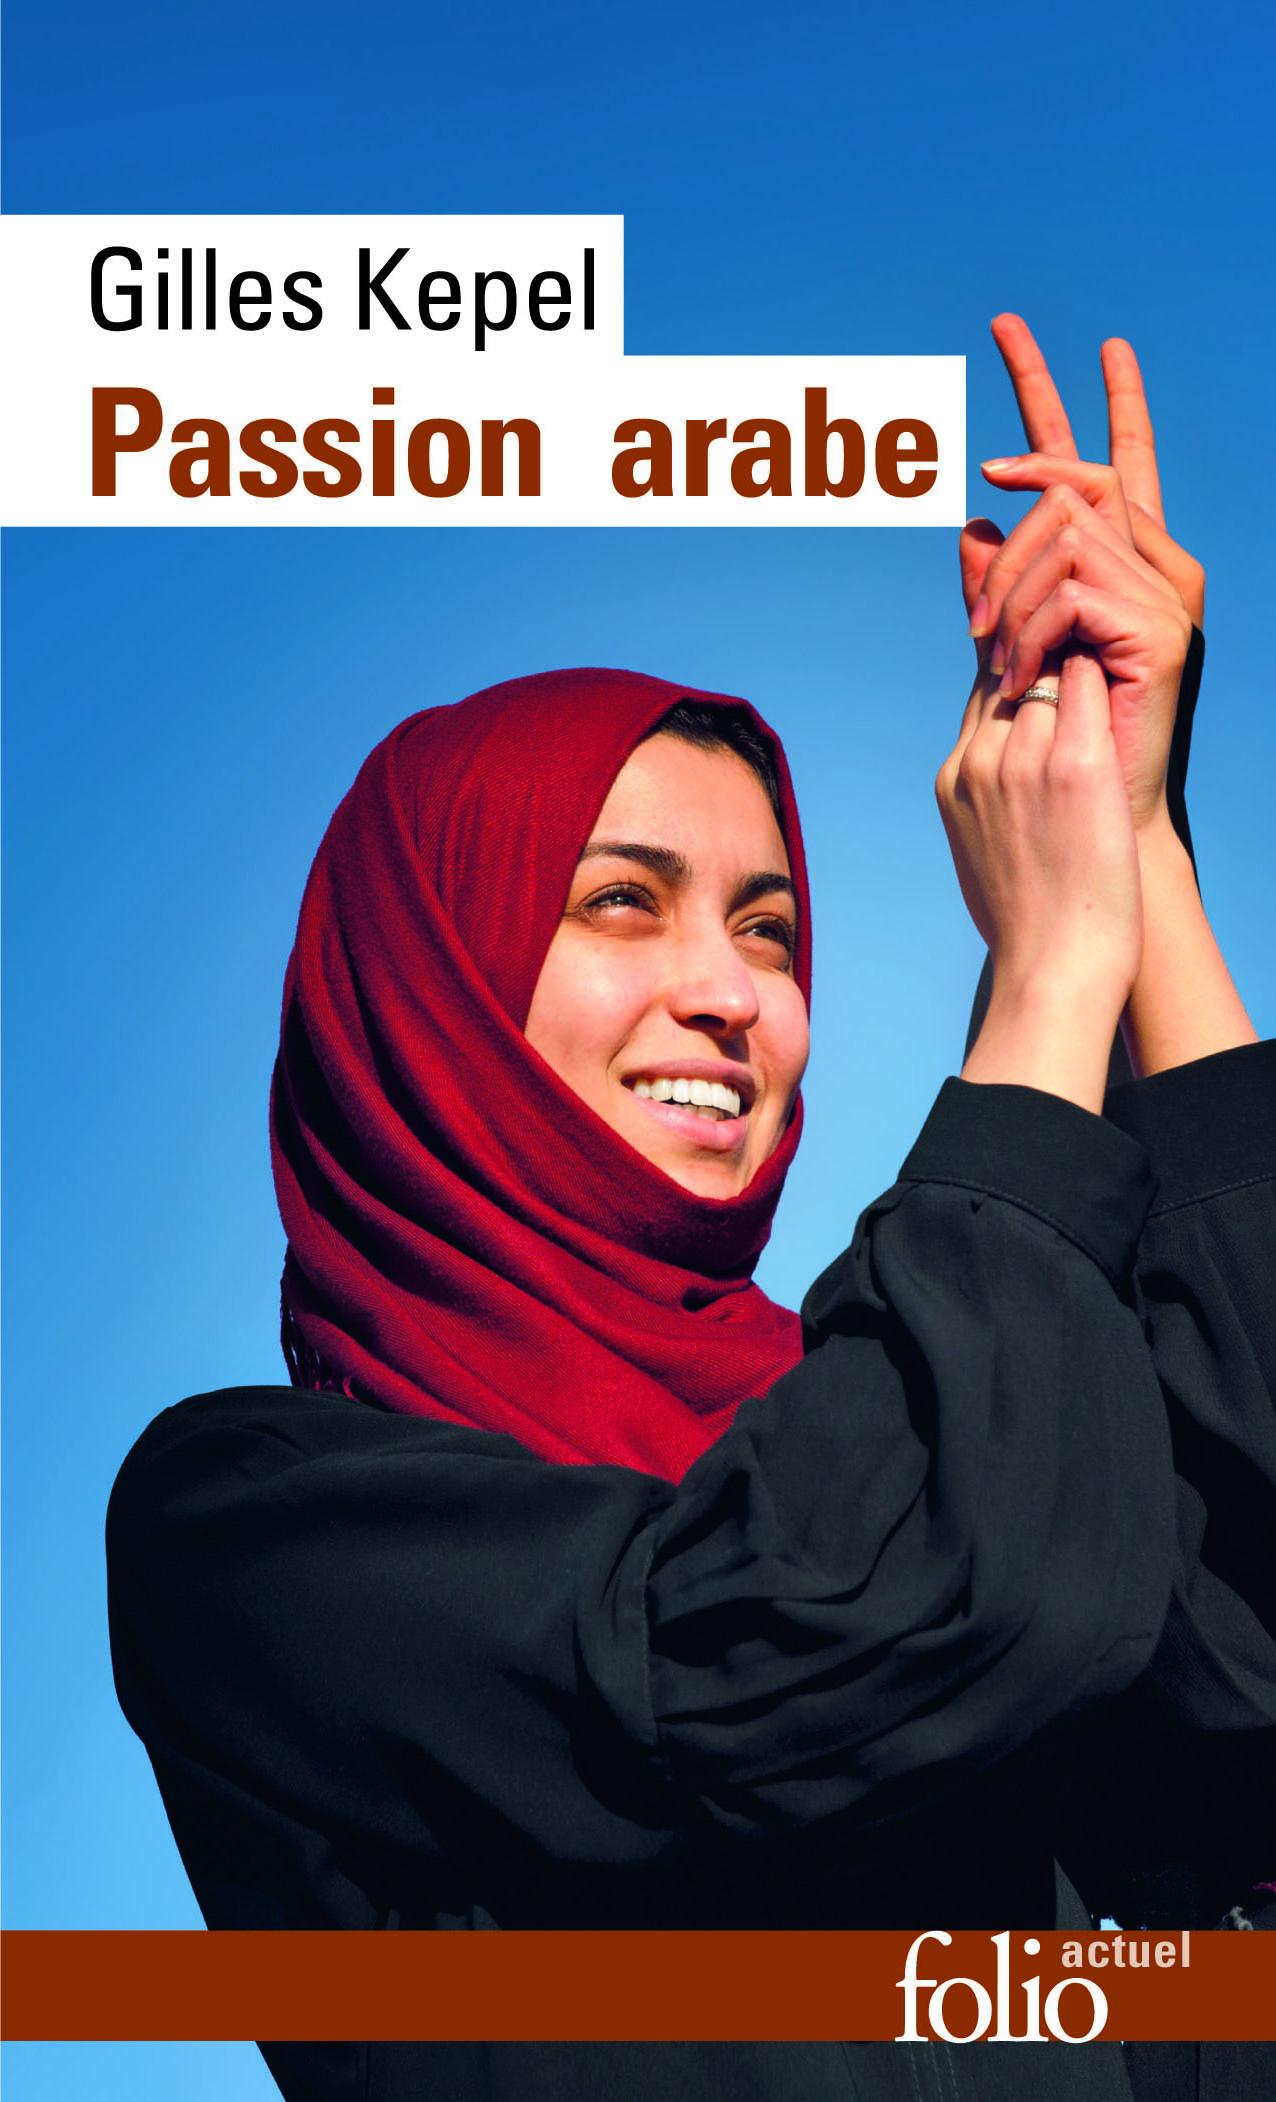 PASSION ARABE/PASSION EN KABYLIE/PAYSAGE AVANT LA BATAILLE